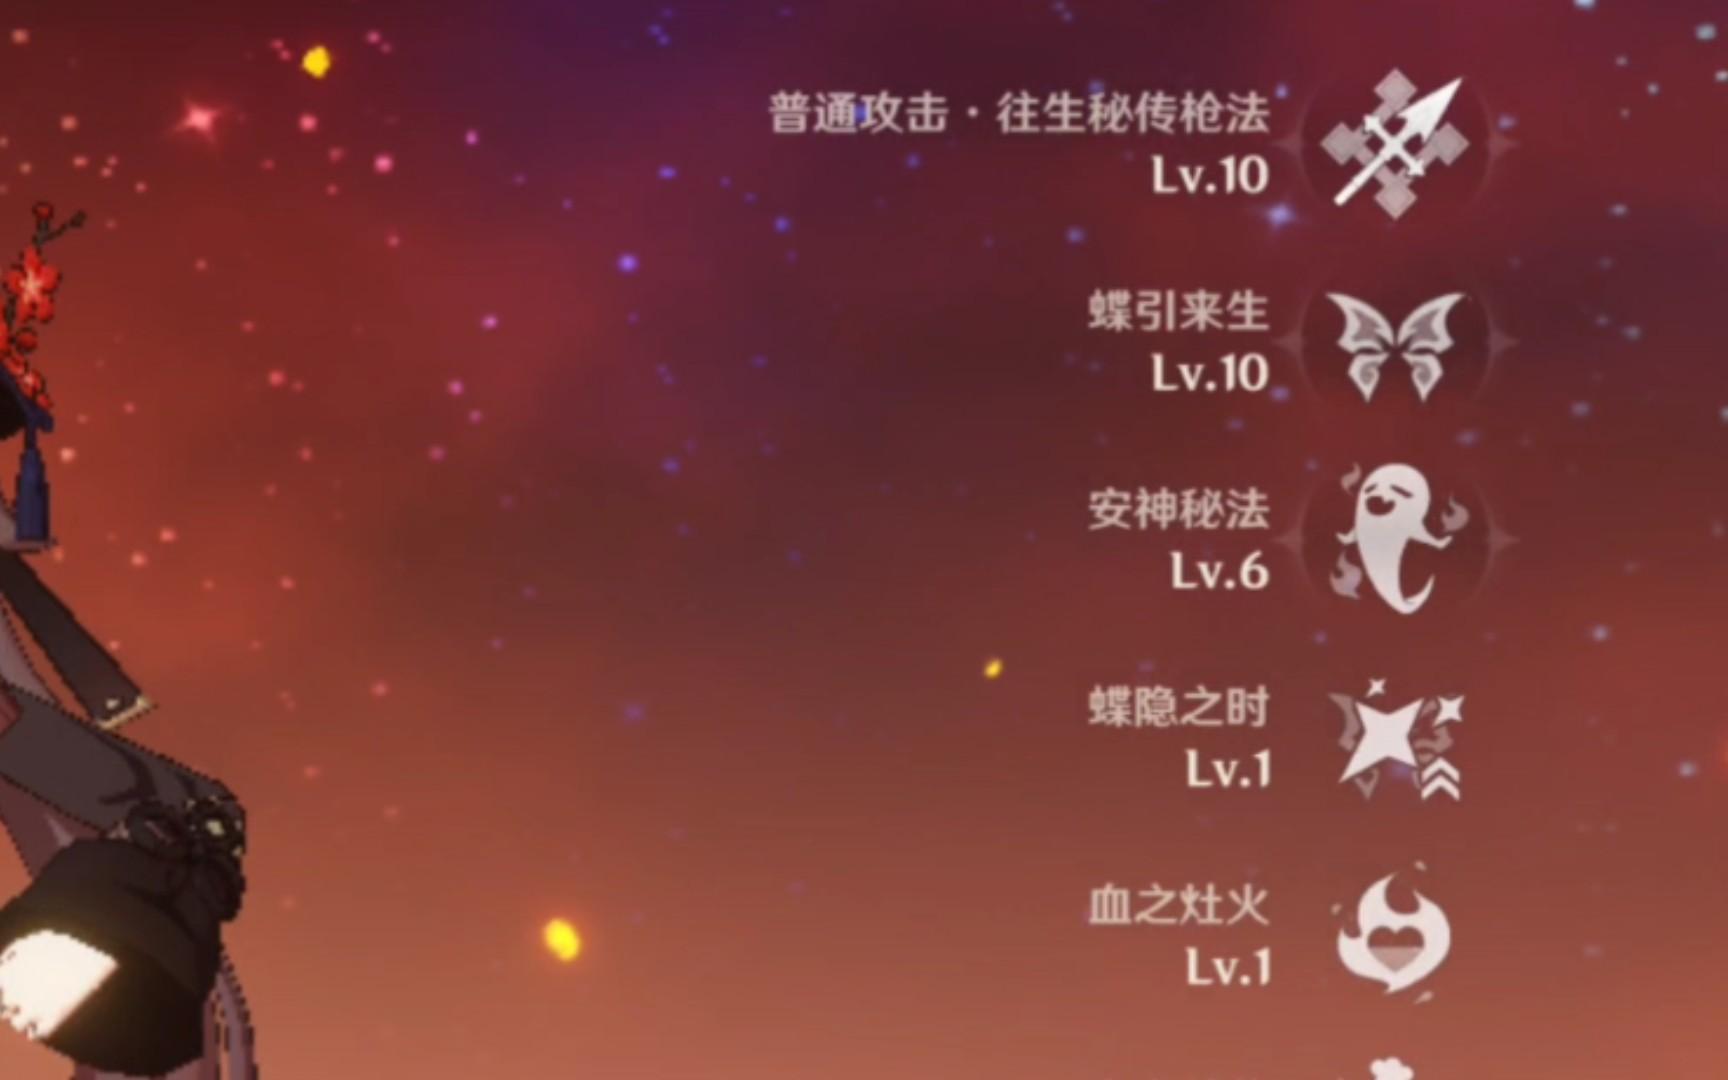 【原神】90级决斗,10级普攻+10级小技能,80级胡桃表现测试